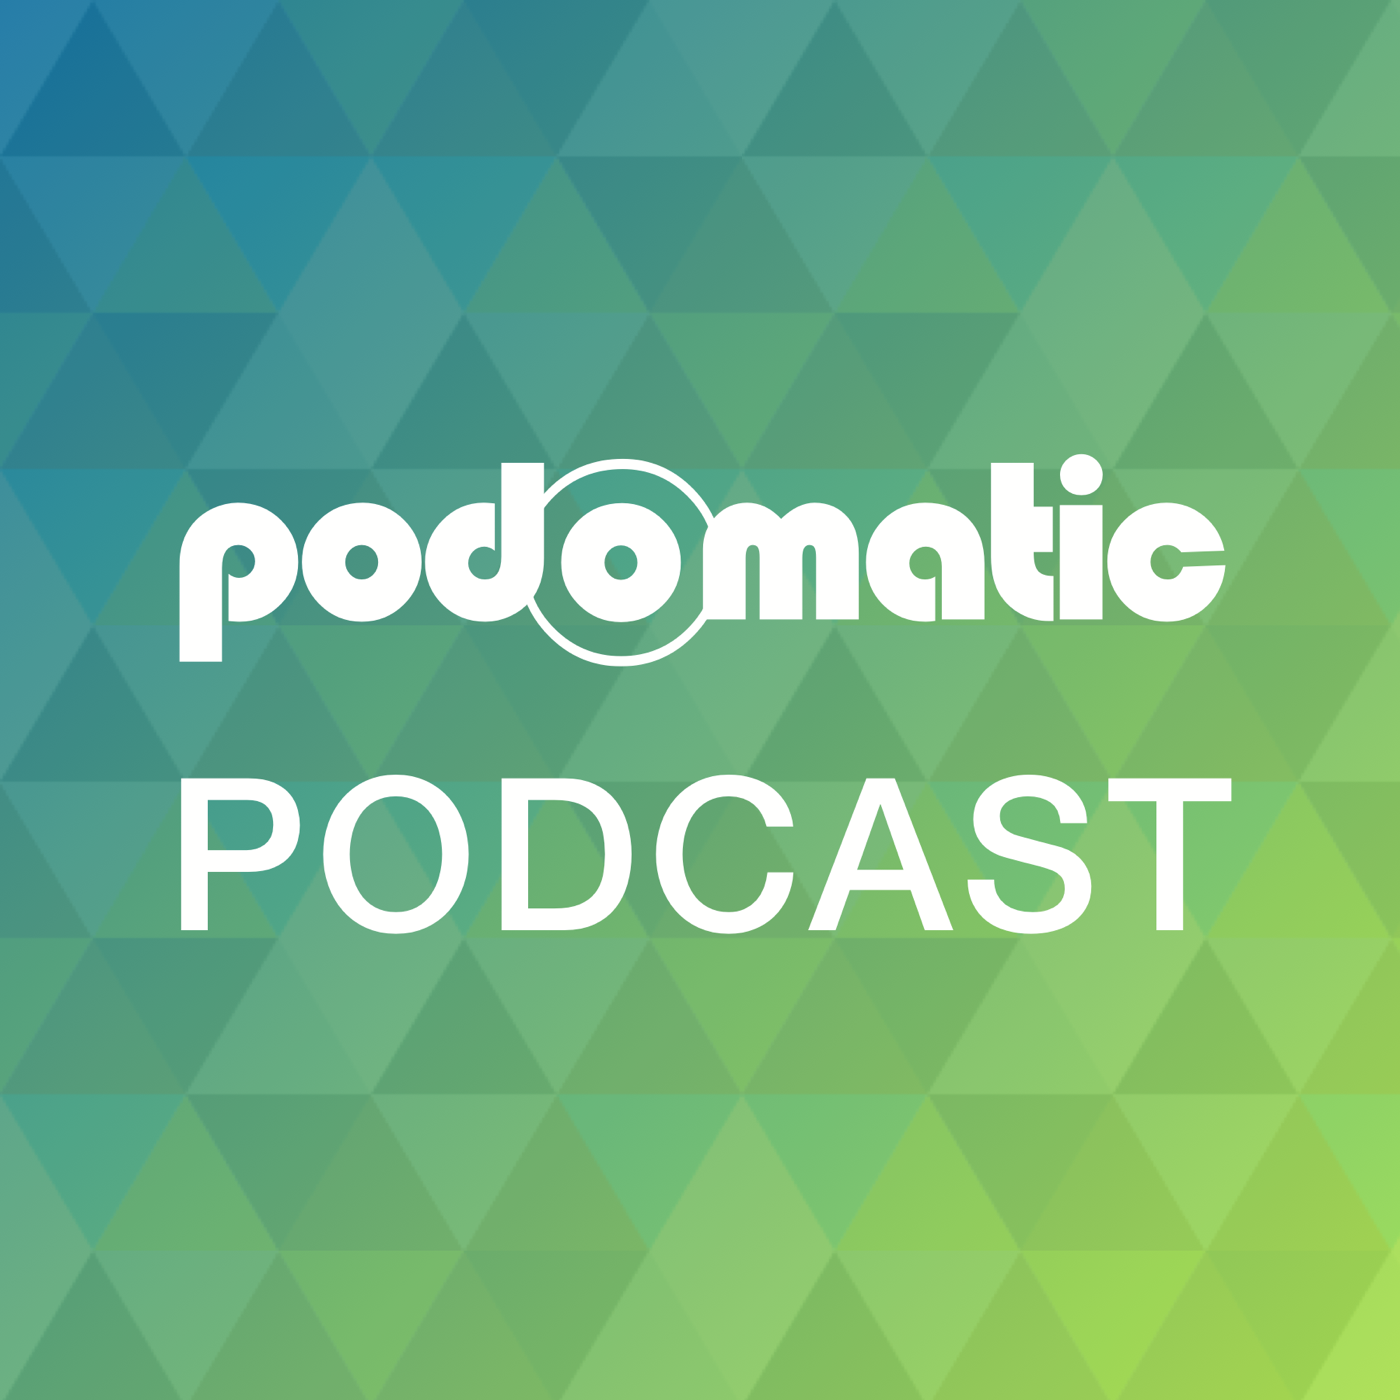 /imghp's Podcast